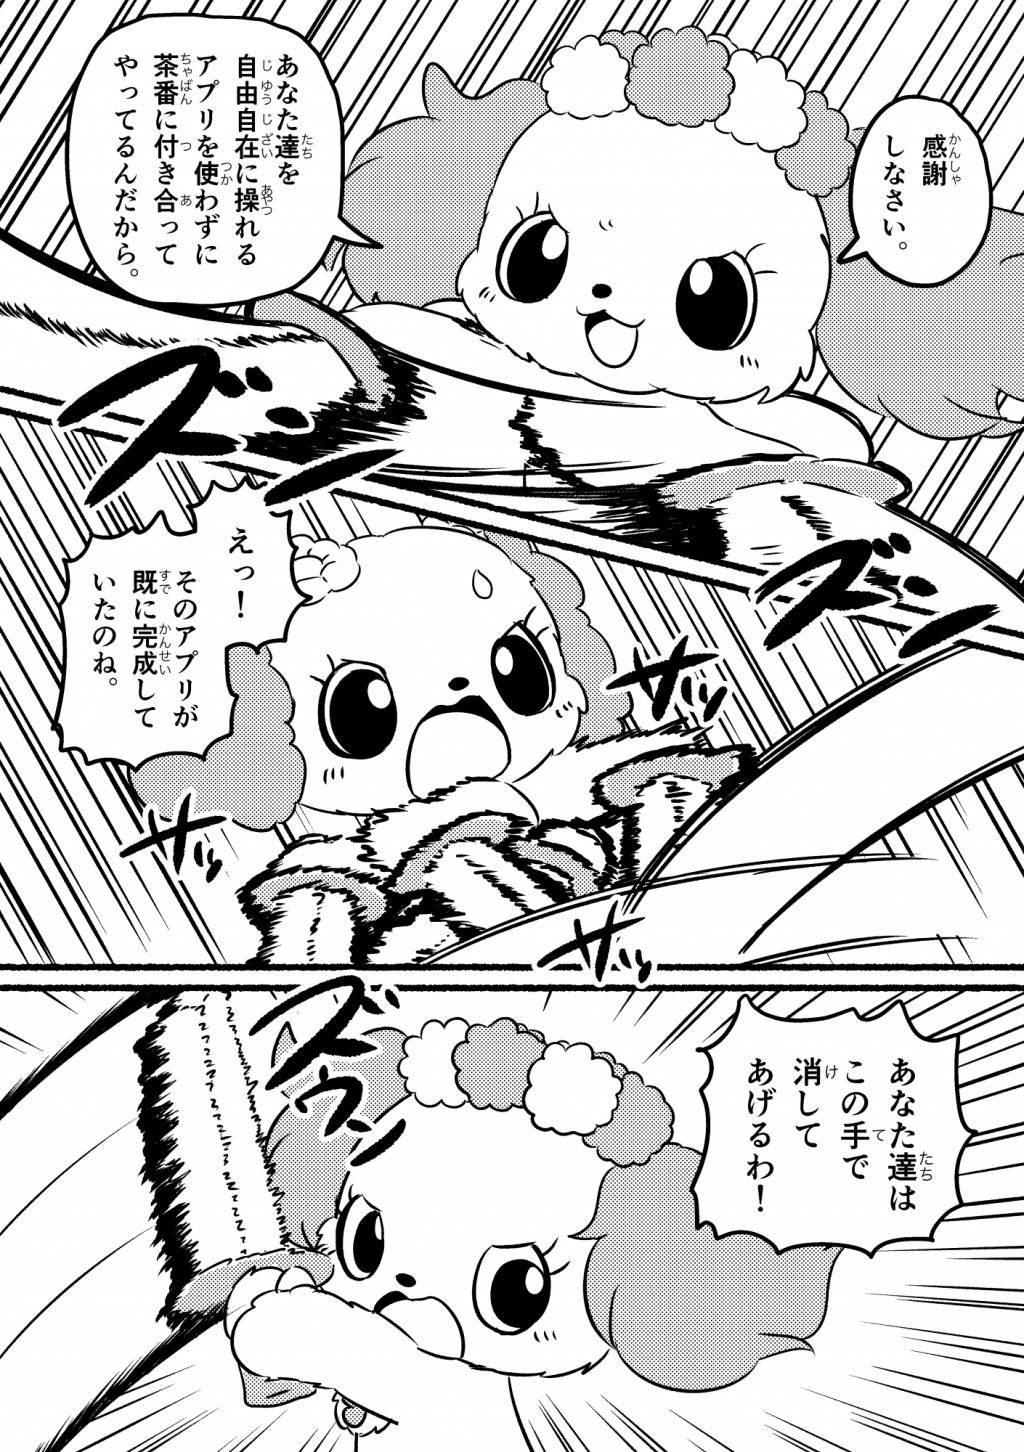 プレーズ さいごのたたかい (7ページ)